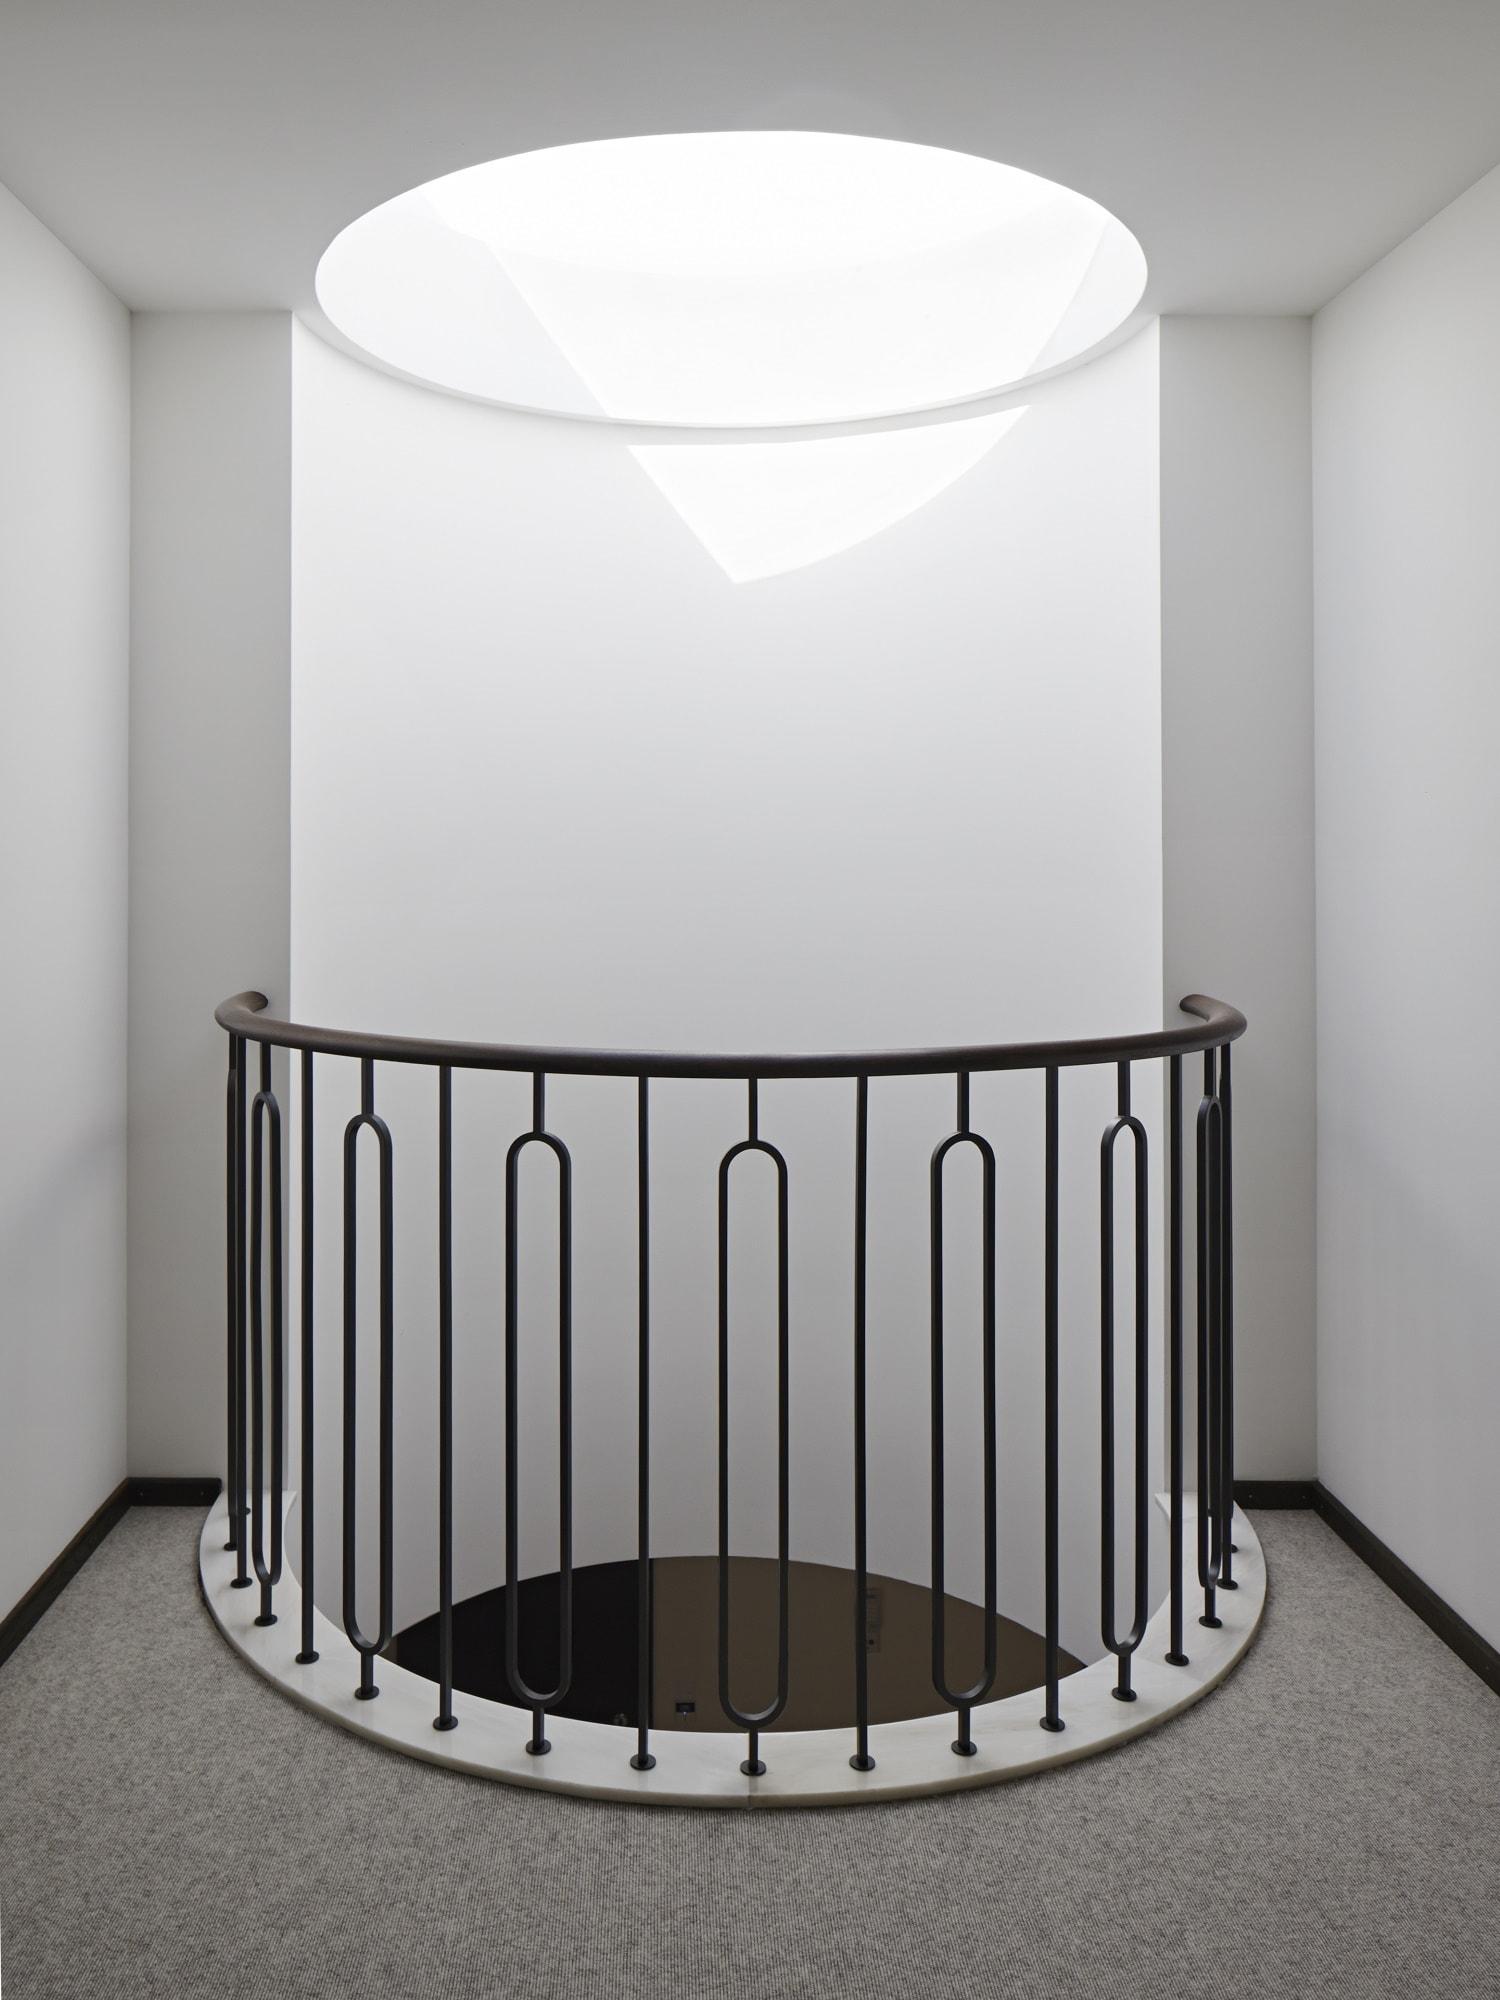 Luxus Treppenhaus mit Oberlicht - Haus Design innen Architektur Detail Luxus Villa ATHERTON von Baufritz - HausbauDirekt.de